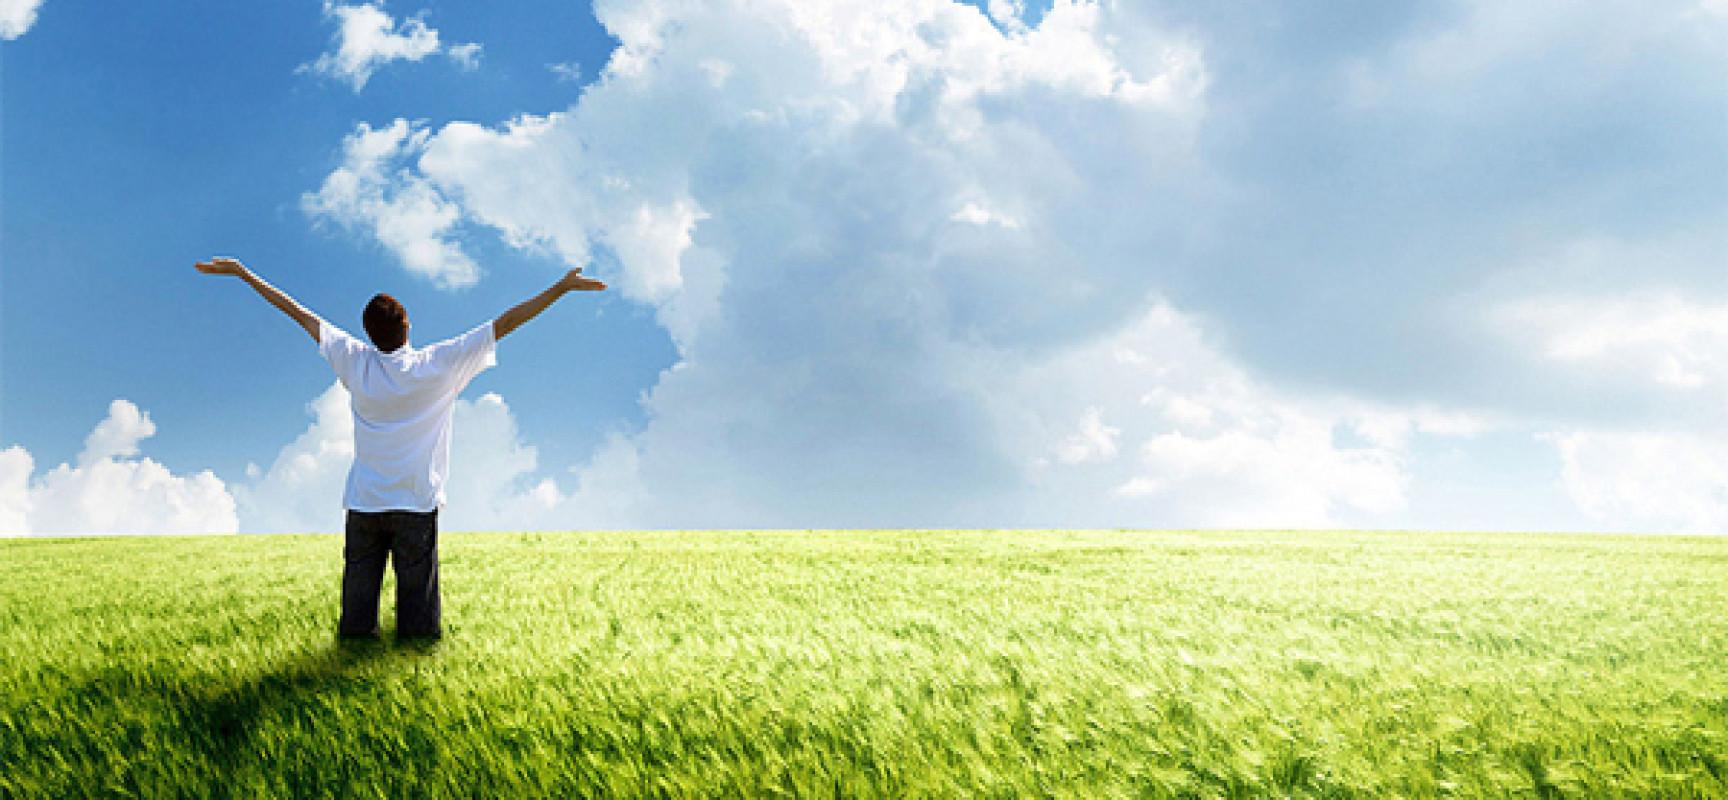 Аюрведа — принципы здорового питания